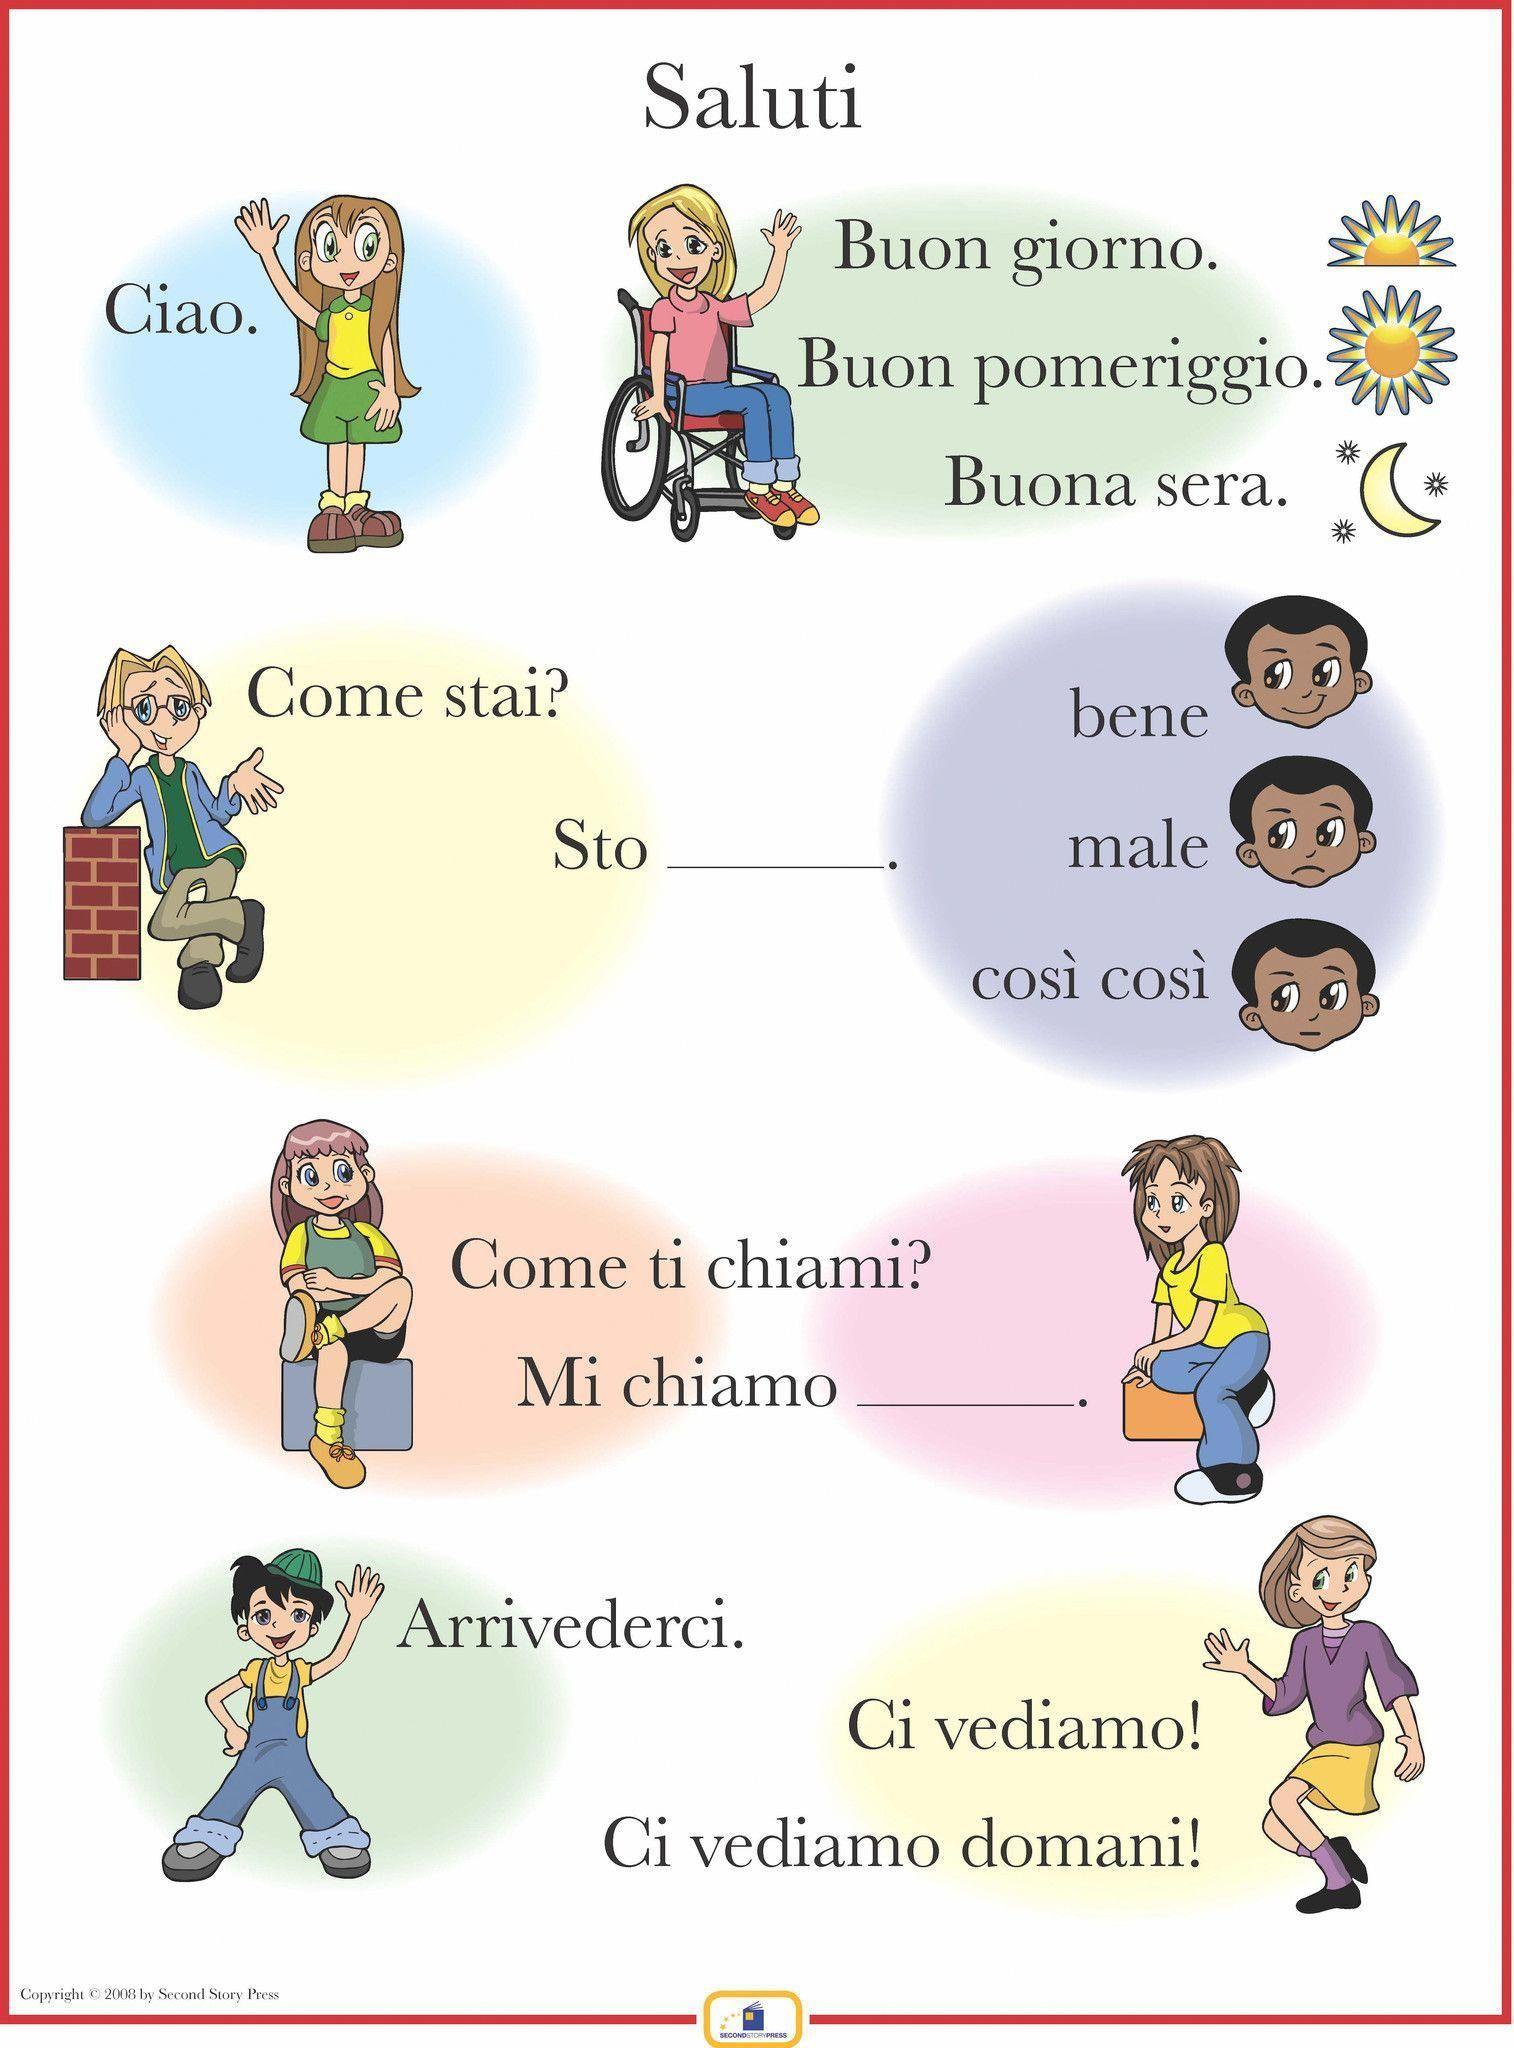 Italian Greetings Poster